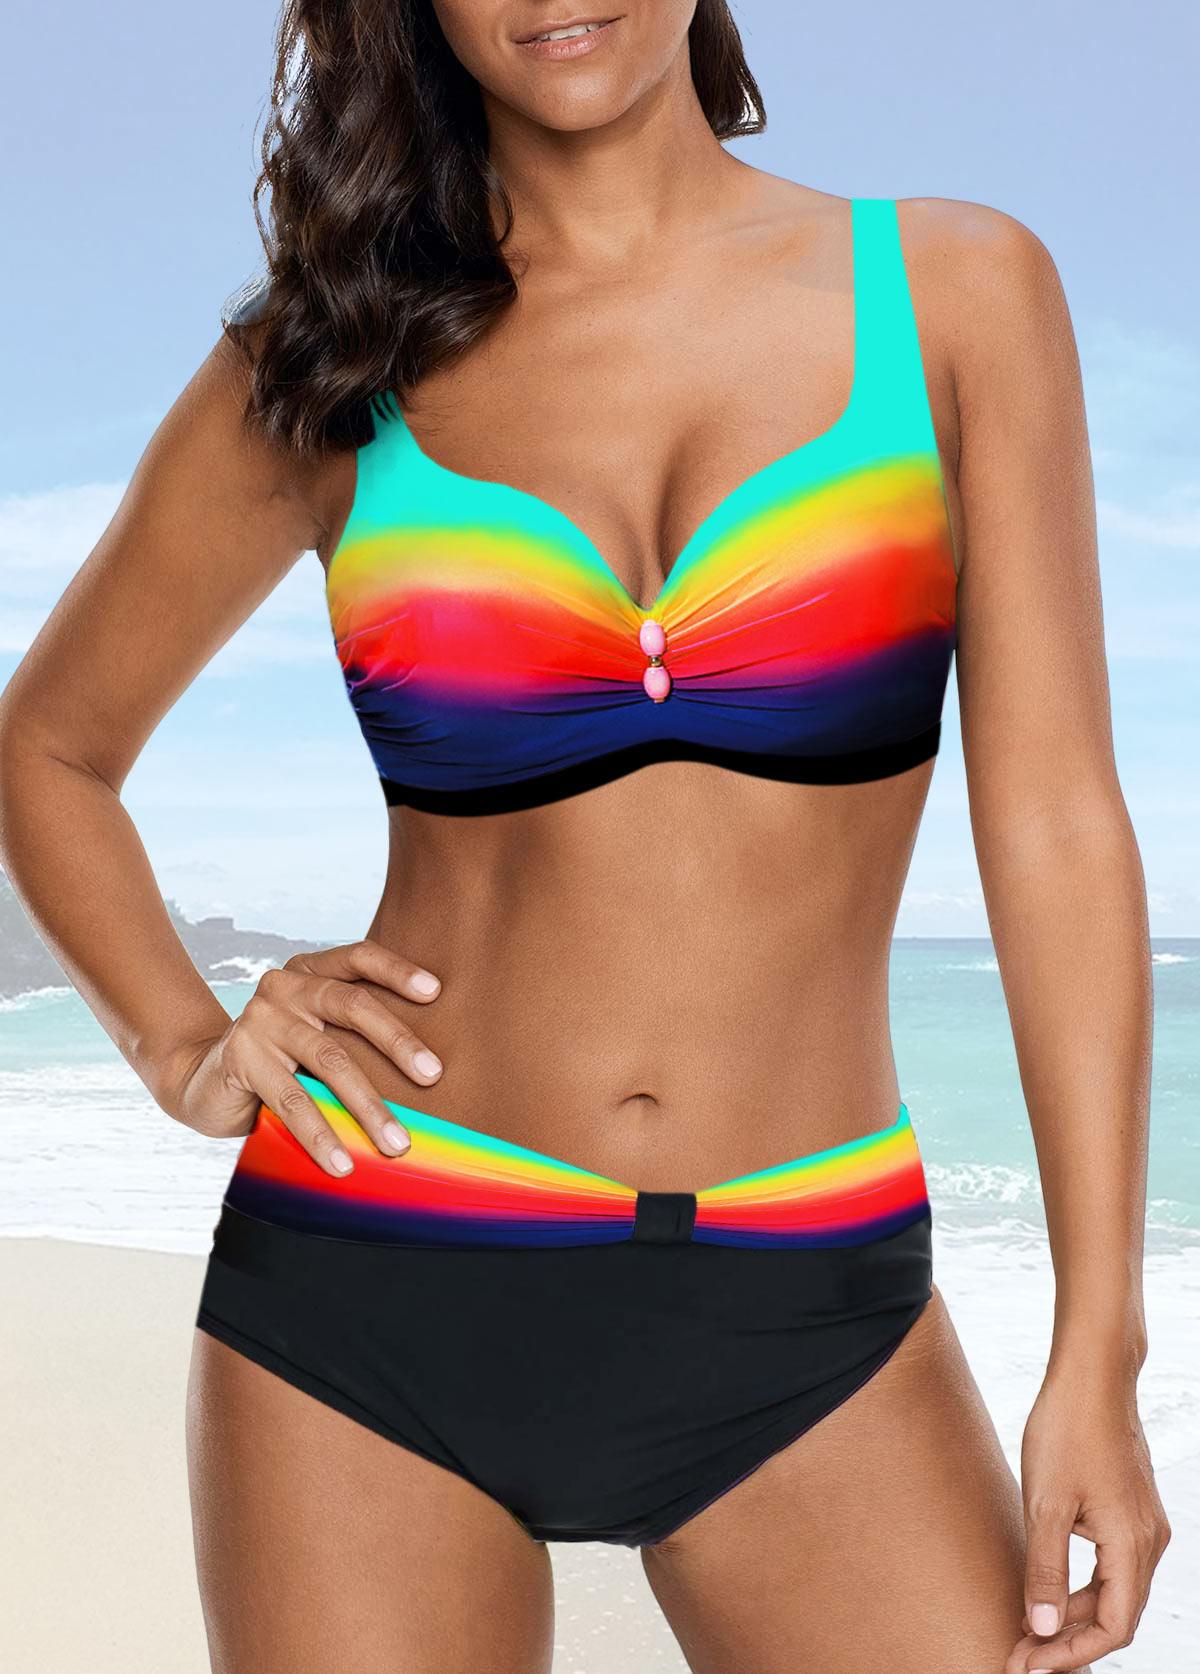 Strappy Dazzle Color High Waist Bikini Set